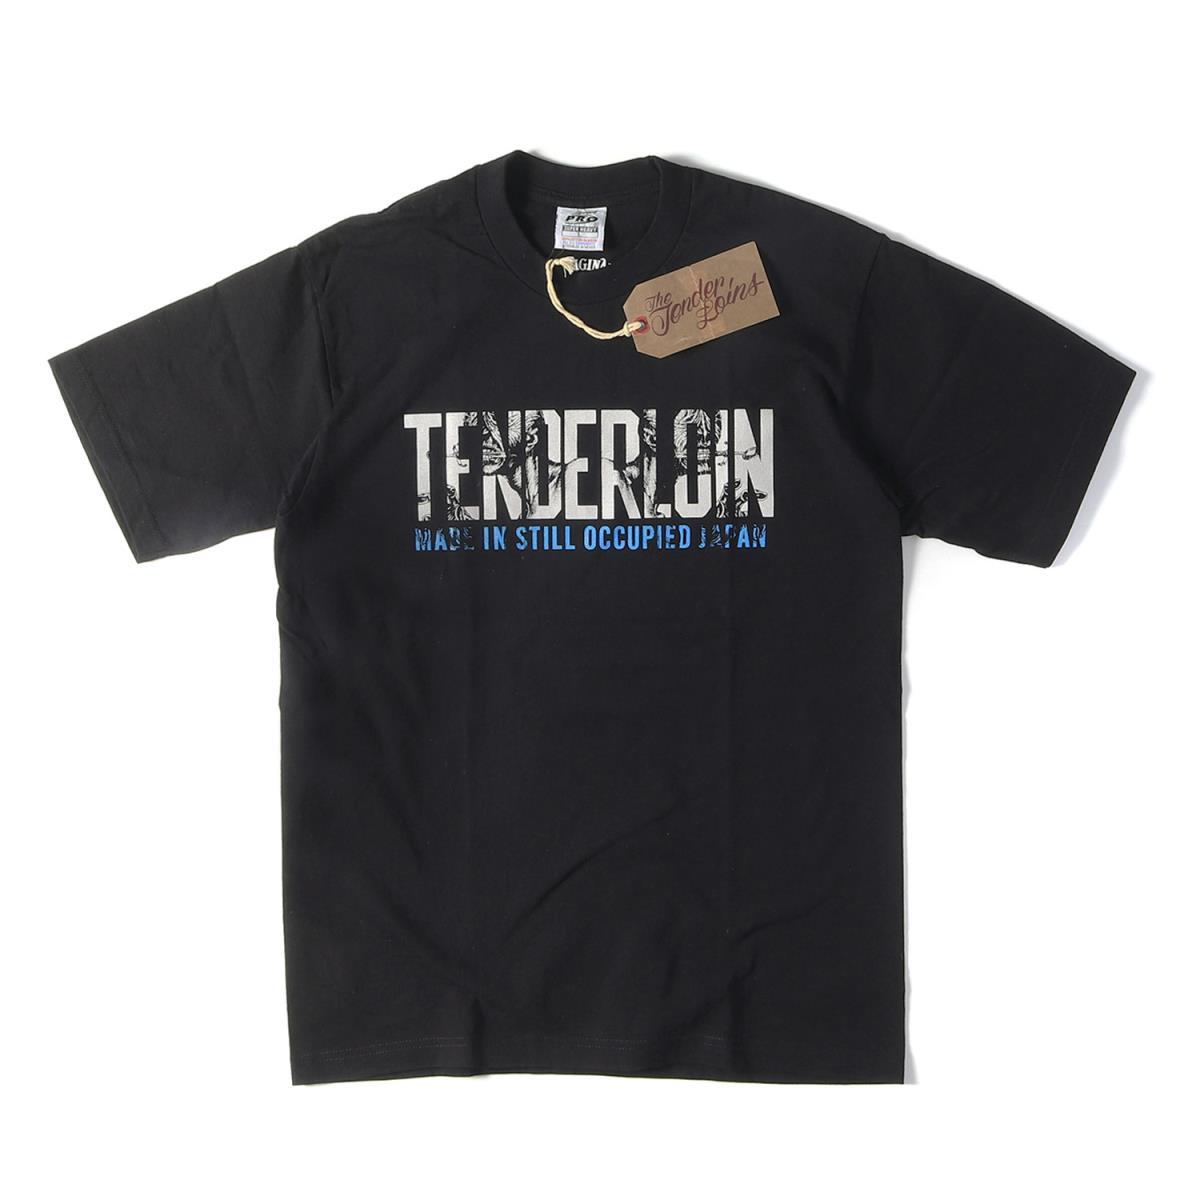 TENDERLOIN (テンダーロイン) Tシャツ モンスター ブランドロゴ ヘビー Tシャツ T-TEE QB 2018年 ブラック L 【メンズ】【K2219】【あす楽☆対応可】